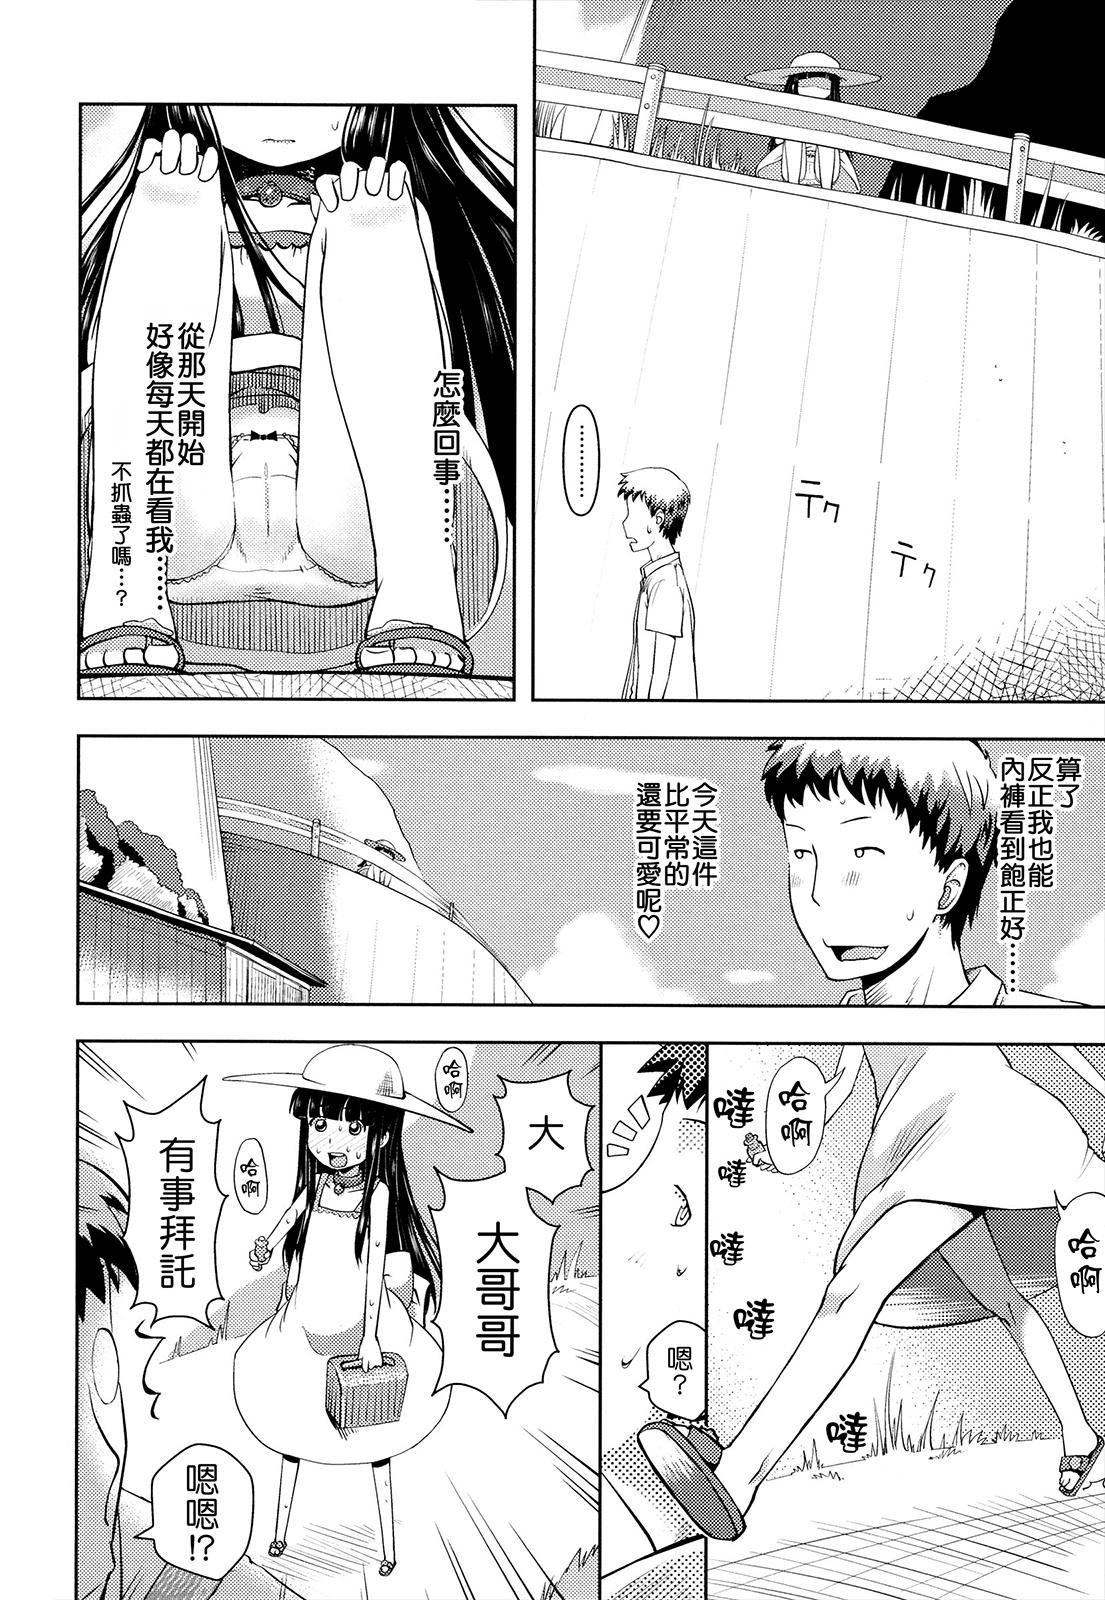 Oni-chan no Suki Ni Site!? 101